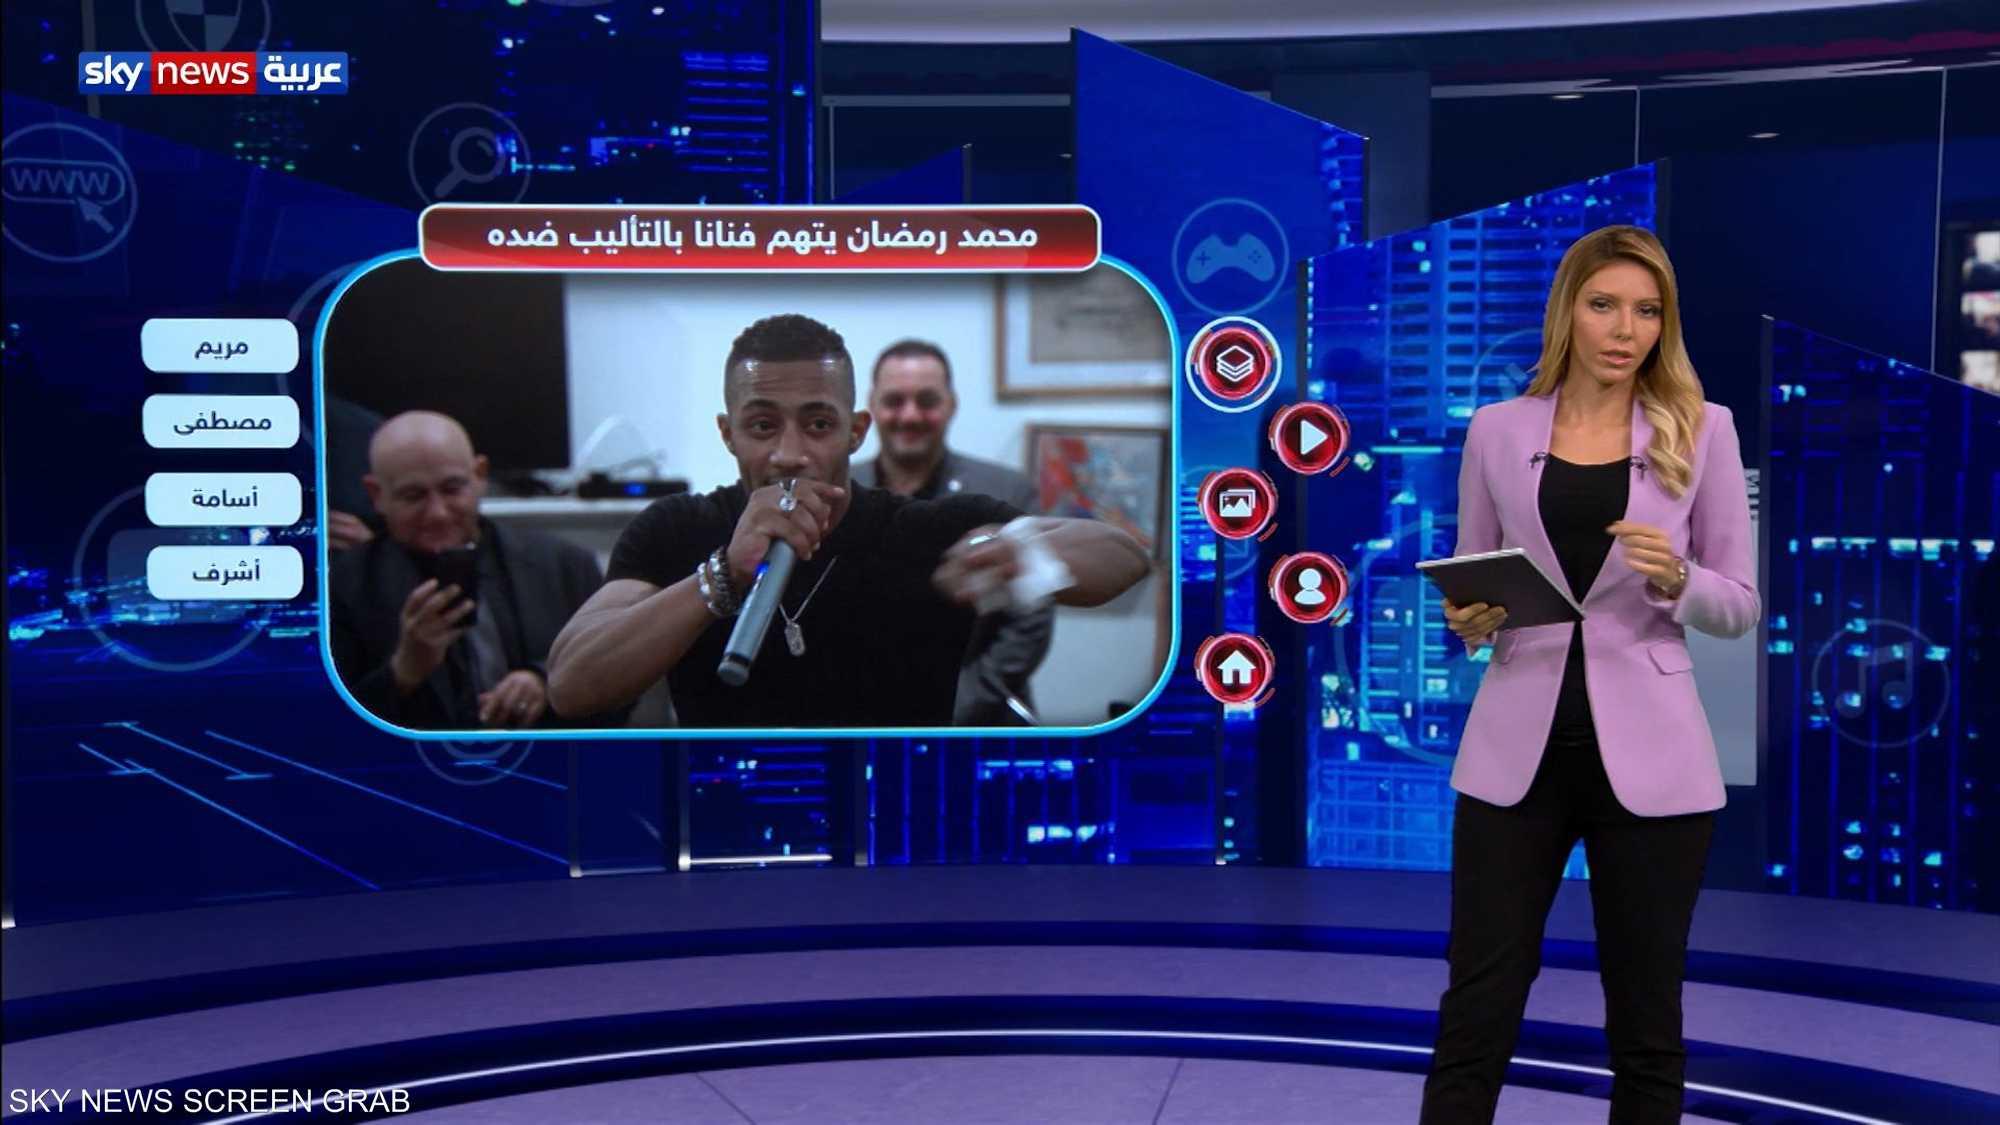 محمد رمضان يتهم فنانا مصريا بتأليب الرأي العام ضده